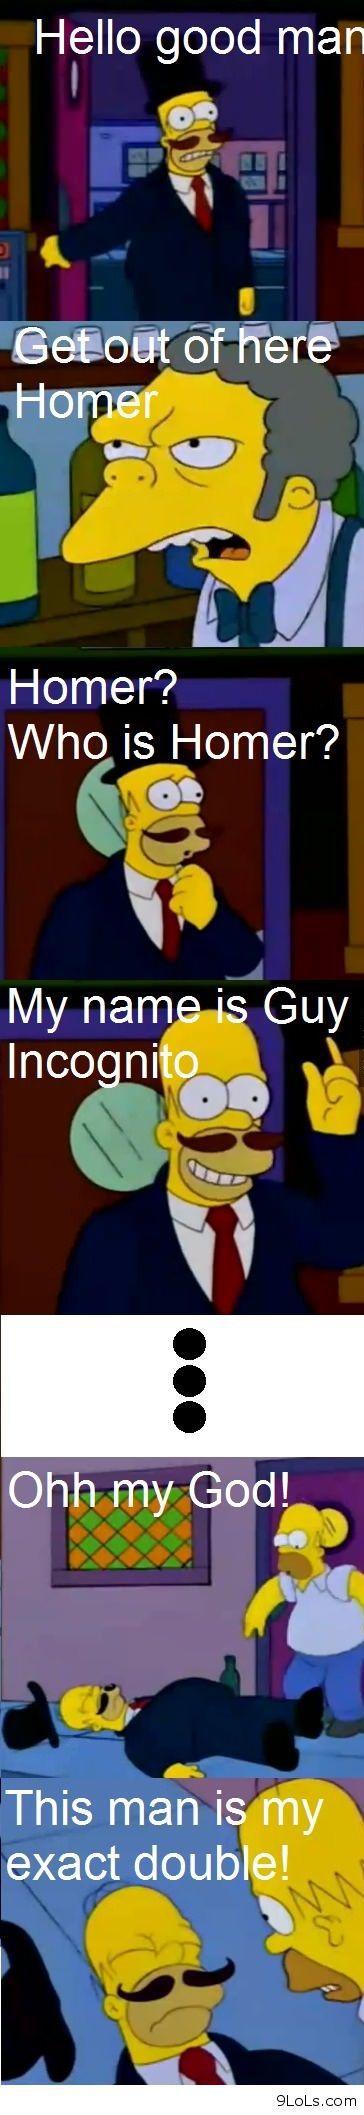 Incognito quote #1